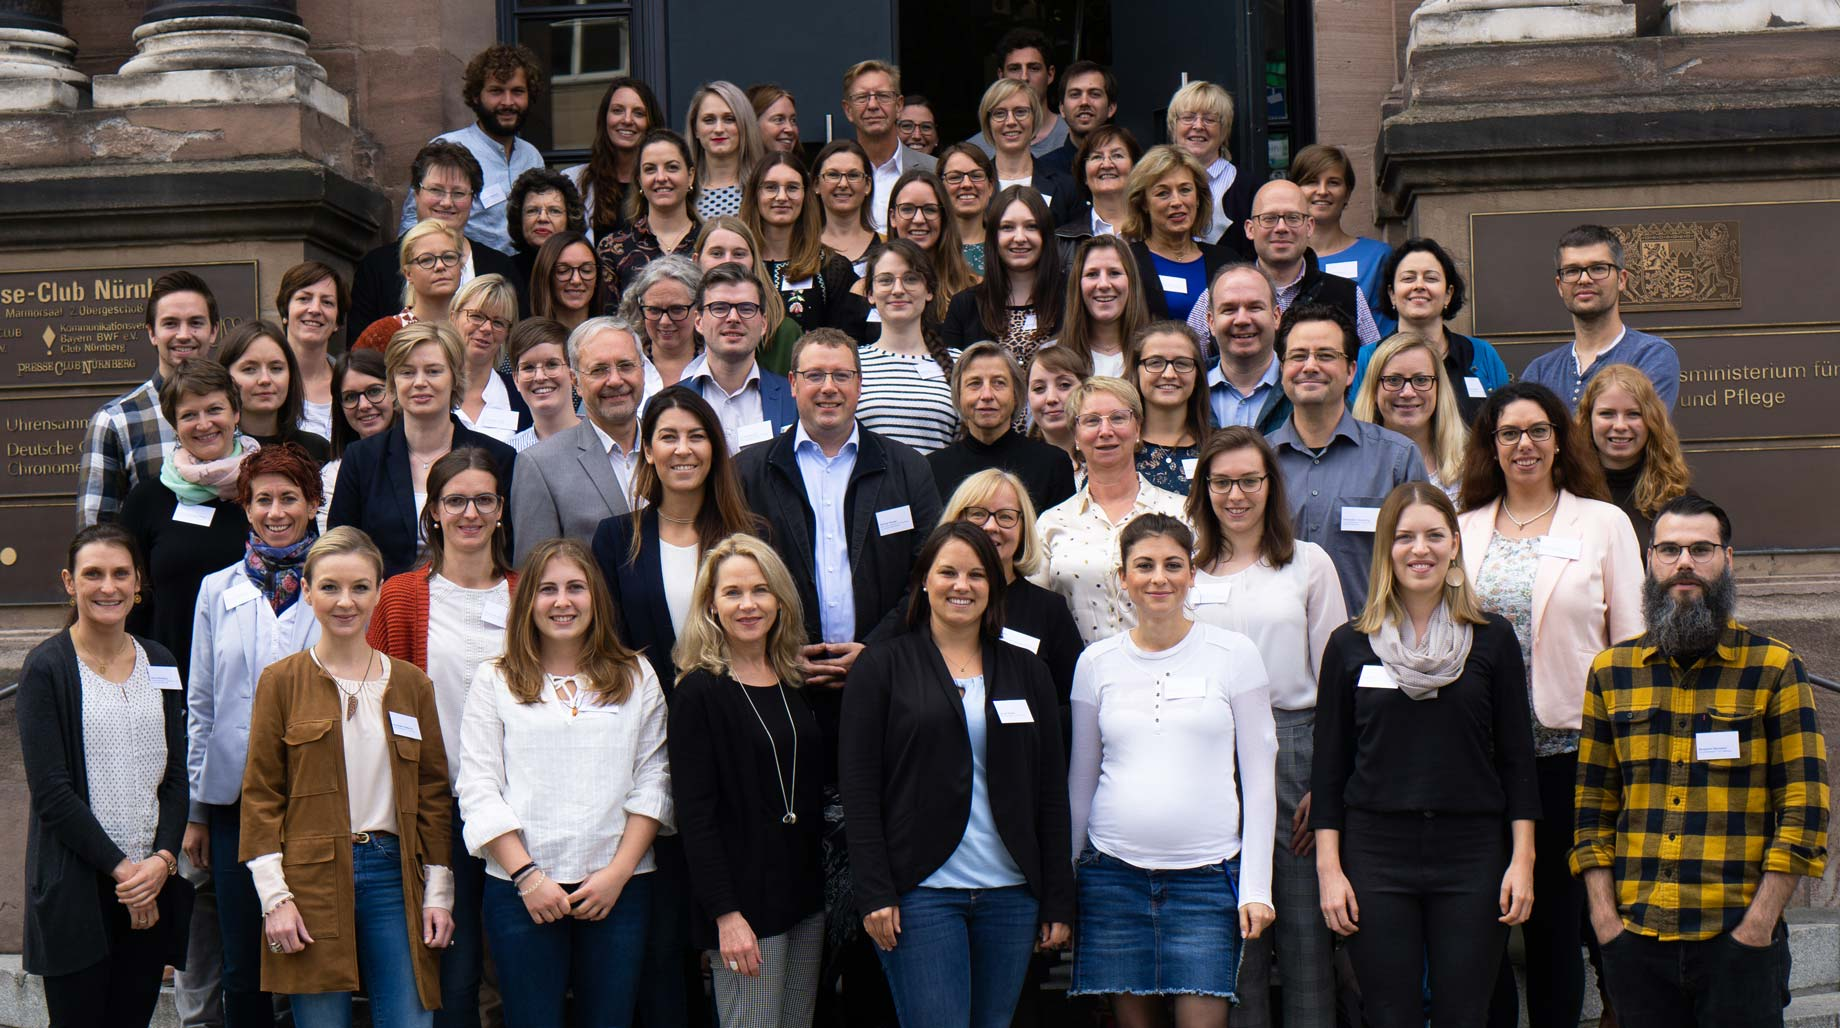 Gruppenbild der Vertreterinnen und Vertreter der Gesundheitsregionen plus bei der Fachkonferenz der Gesundheitsregionen plus in Nürnberg 2019